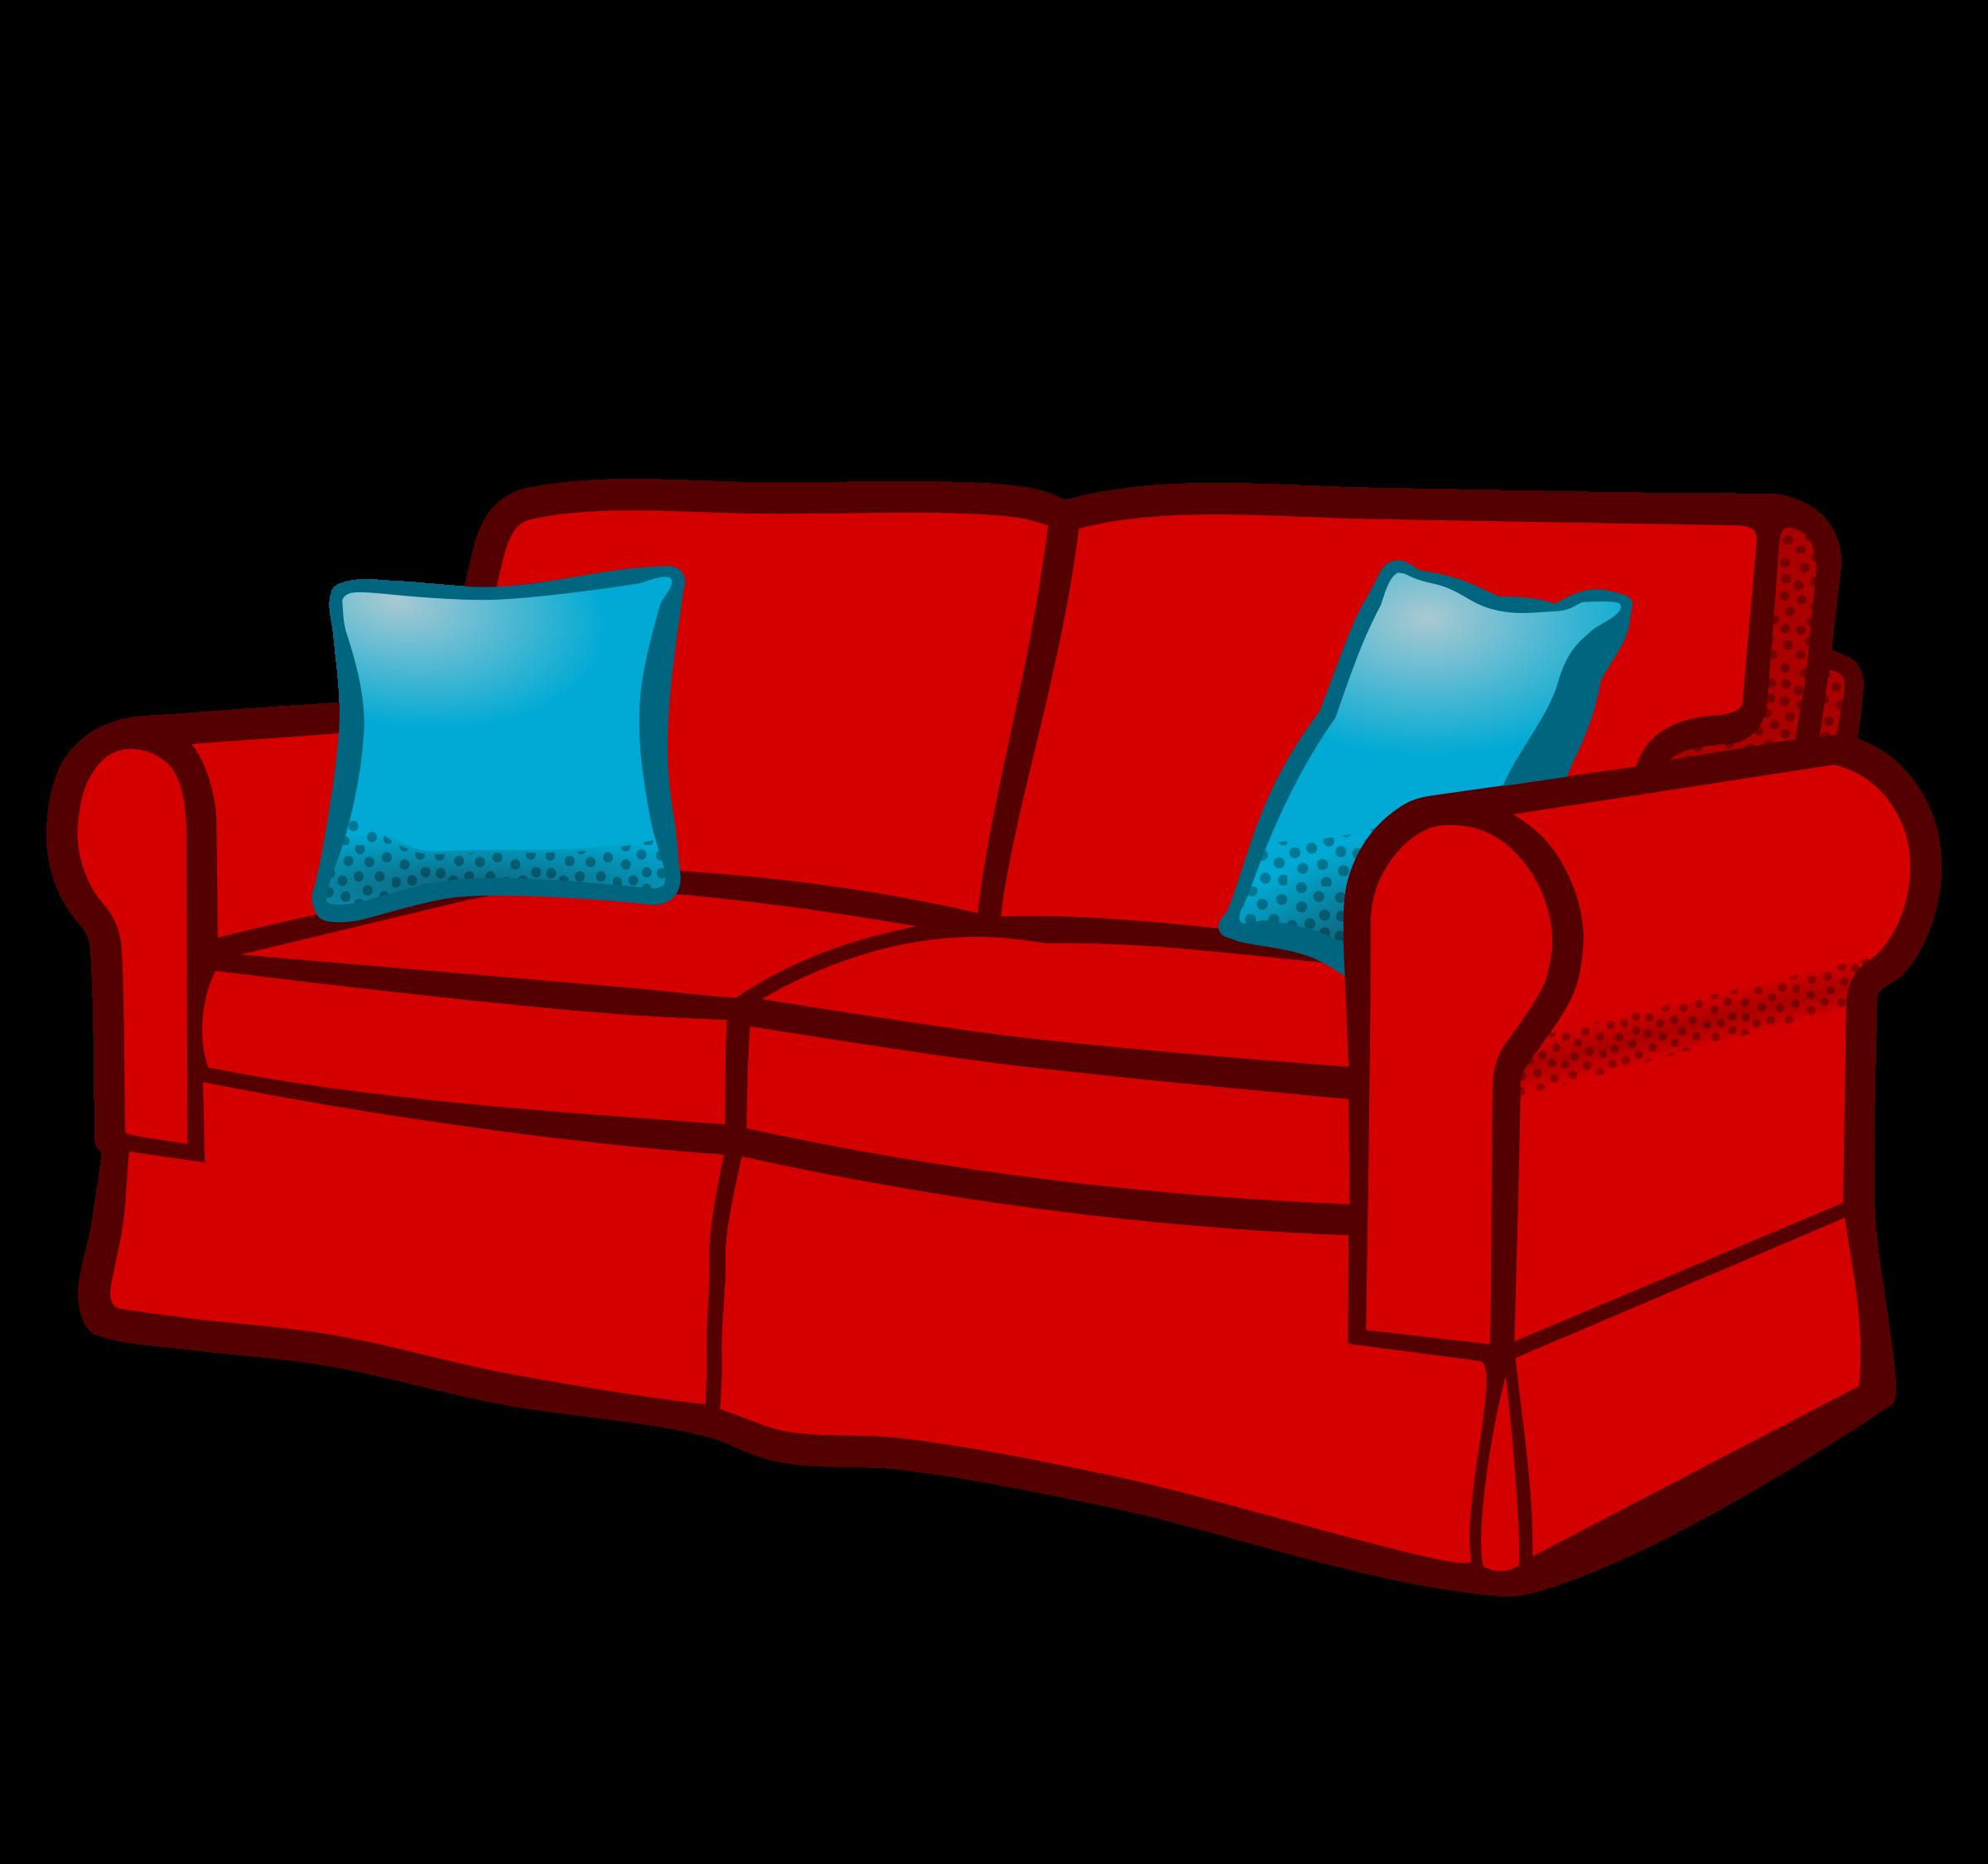 Sofa clipart Sofa sofa coloured coloured Clipart